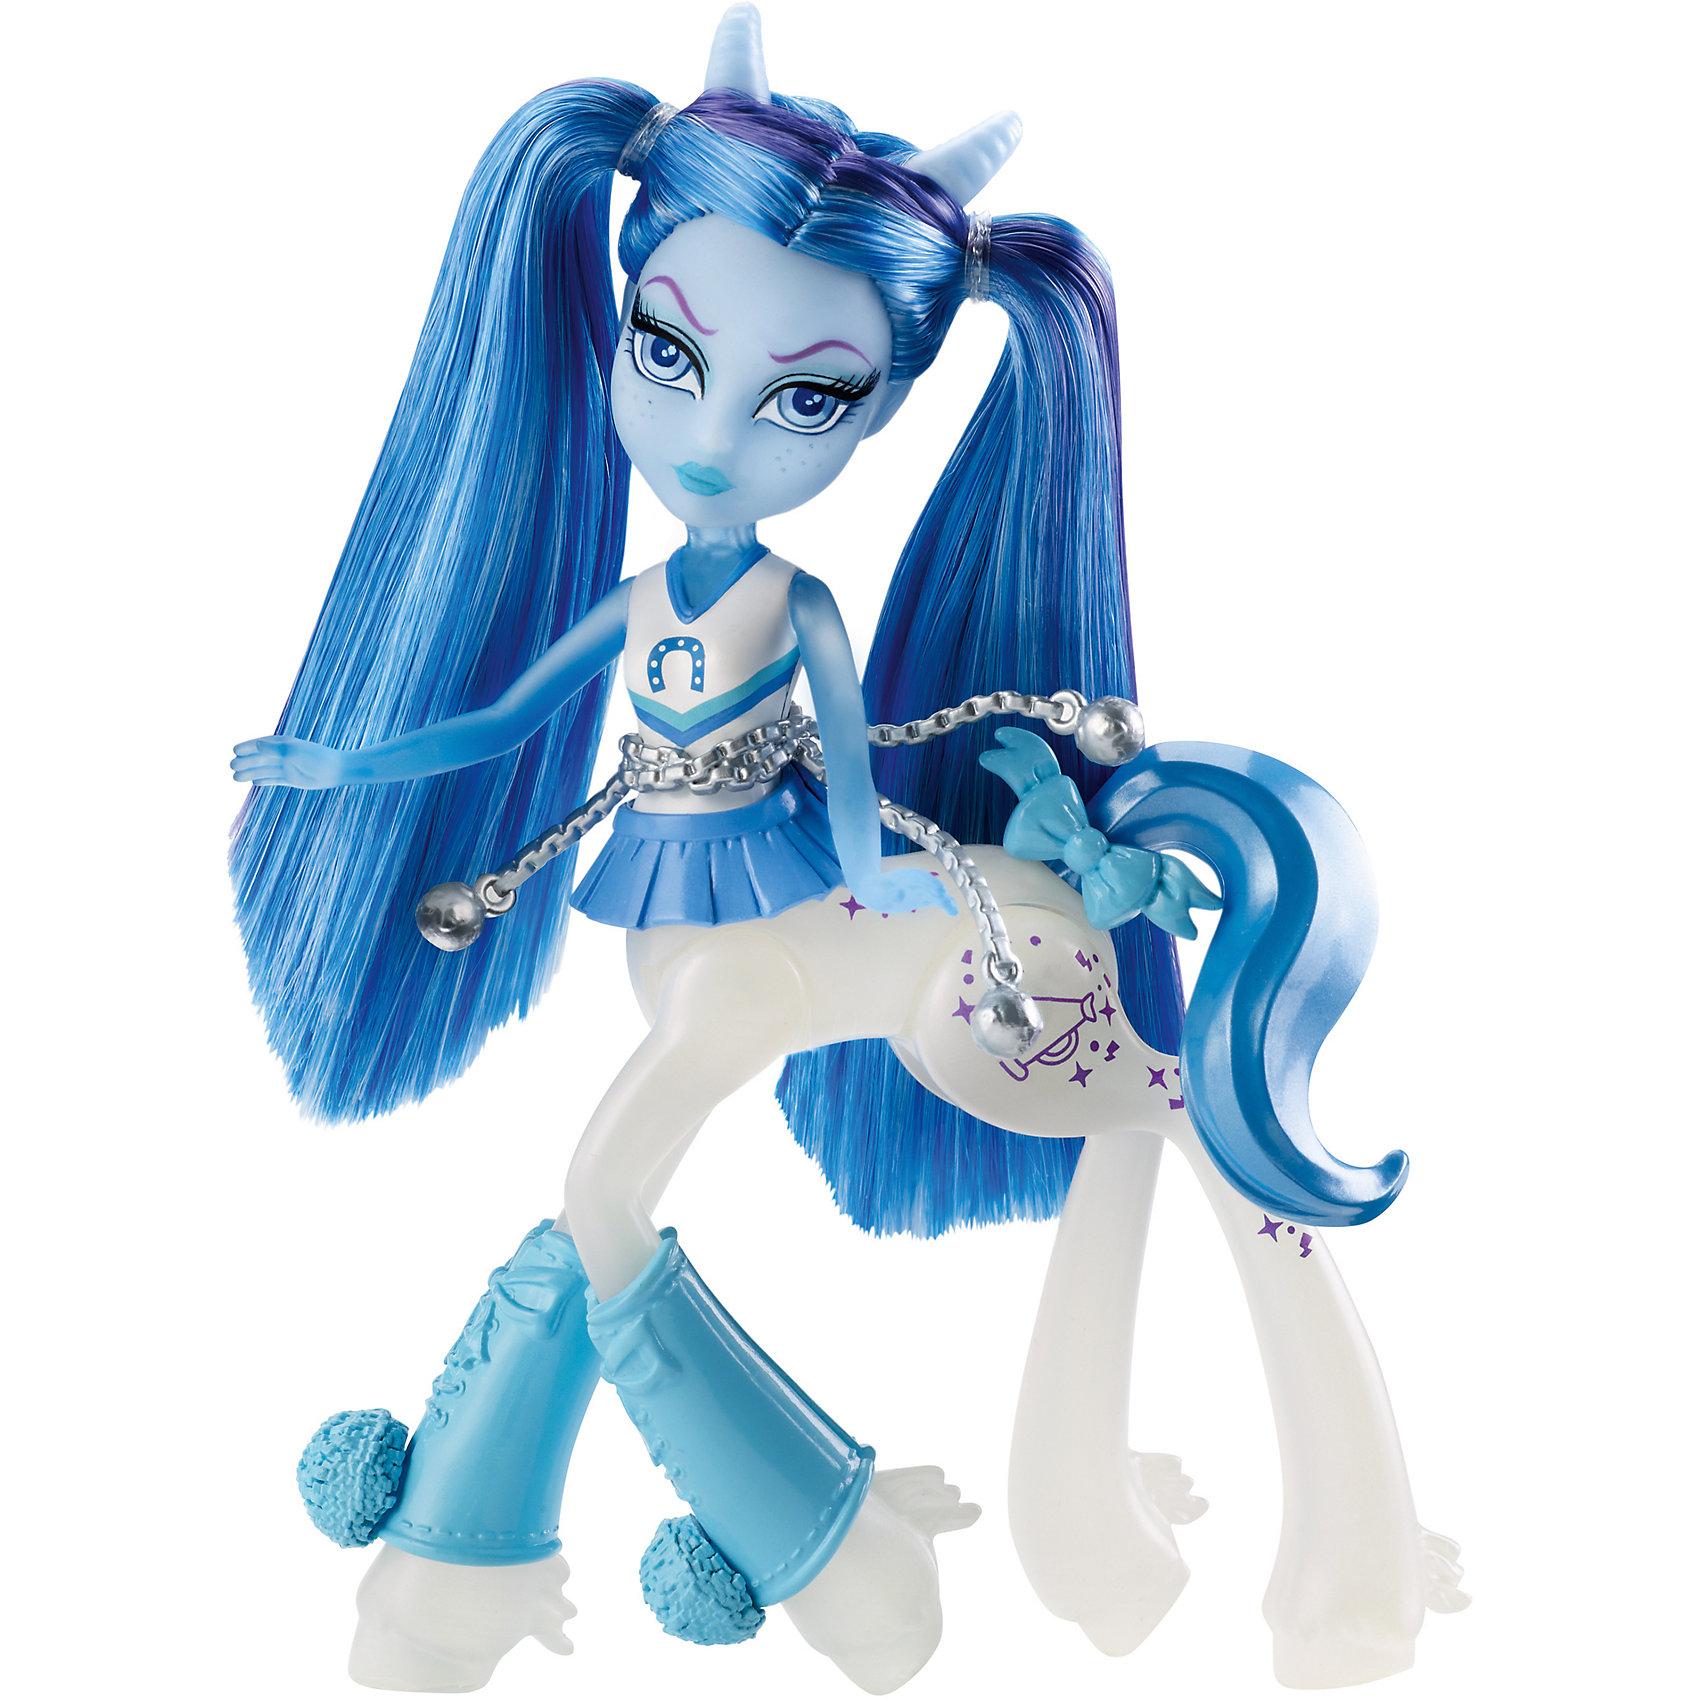 Кукла Скайра Баунсгейт, Fright-Mares, Monster HighMonster High<br>Характеристики:<br><br>• Вид игр: сюжетно-ролевые, для коллекционирования<br>• Пол: для девочки<br>• Серия: Мини-кентавры (Monster High Fright-Mares Fawtine Fallowhart Doll)<br>• Материал: пластик, полимер<br>• Цвет: белый, голубой<br>• Высота куклы: 14,5 см<br>• Подвижные части тела<br>• Наличие украшение для хвоста, ног, талии<br>• Тип упаковки: картонная коробка<br>• Размеры упаковки (Д*Ш*В): 21*17*6 см<br>• Вес: 150 г<br><br>Кукла Скайра Баунсгейт, Fright-Mares, Monster High – это мини-кукла новой серии от Mattel, которые предстают в новом образе – наполовину кентавров и наполовину монстров. У каждой мини-куклы свой уникальный стиль и внешний вид.  Фаунтин Фэллоухарт – это лошадка-привидение с длинными голубыми волосами и сиреневыми прядями. На ней спортивная форма, выполненная в цветах школы, на талии имеется пояс из цепей, хвостик украшен маленьким бантиков. На голове имеются маленькие серебристые рожки. Все элементы куклы выполнены из безопасного и нетоксичного пластика и полимера, в туловище имеется шарнир, который позволяет поворачивать корпус куклы в разные сторона. Голова и руки – подвижные. <br><br>Куклу Скайру Баунсгейт, Fright-Mares, Monster High можно купить в нашем интернет-магазине.<br><br>Ширина мм: 205<br>Глубина мм: 60<br>Высота мм: 165<br>Вес г: 210<br>Возраст от месяцев: 72<br>Возраст до месяцев: 144<br>Пол: Женский<br>Возраст: Детский<br>SKU: 5147886